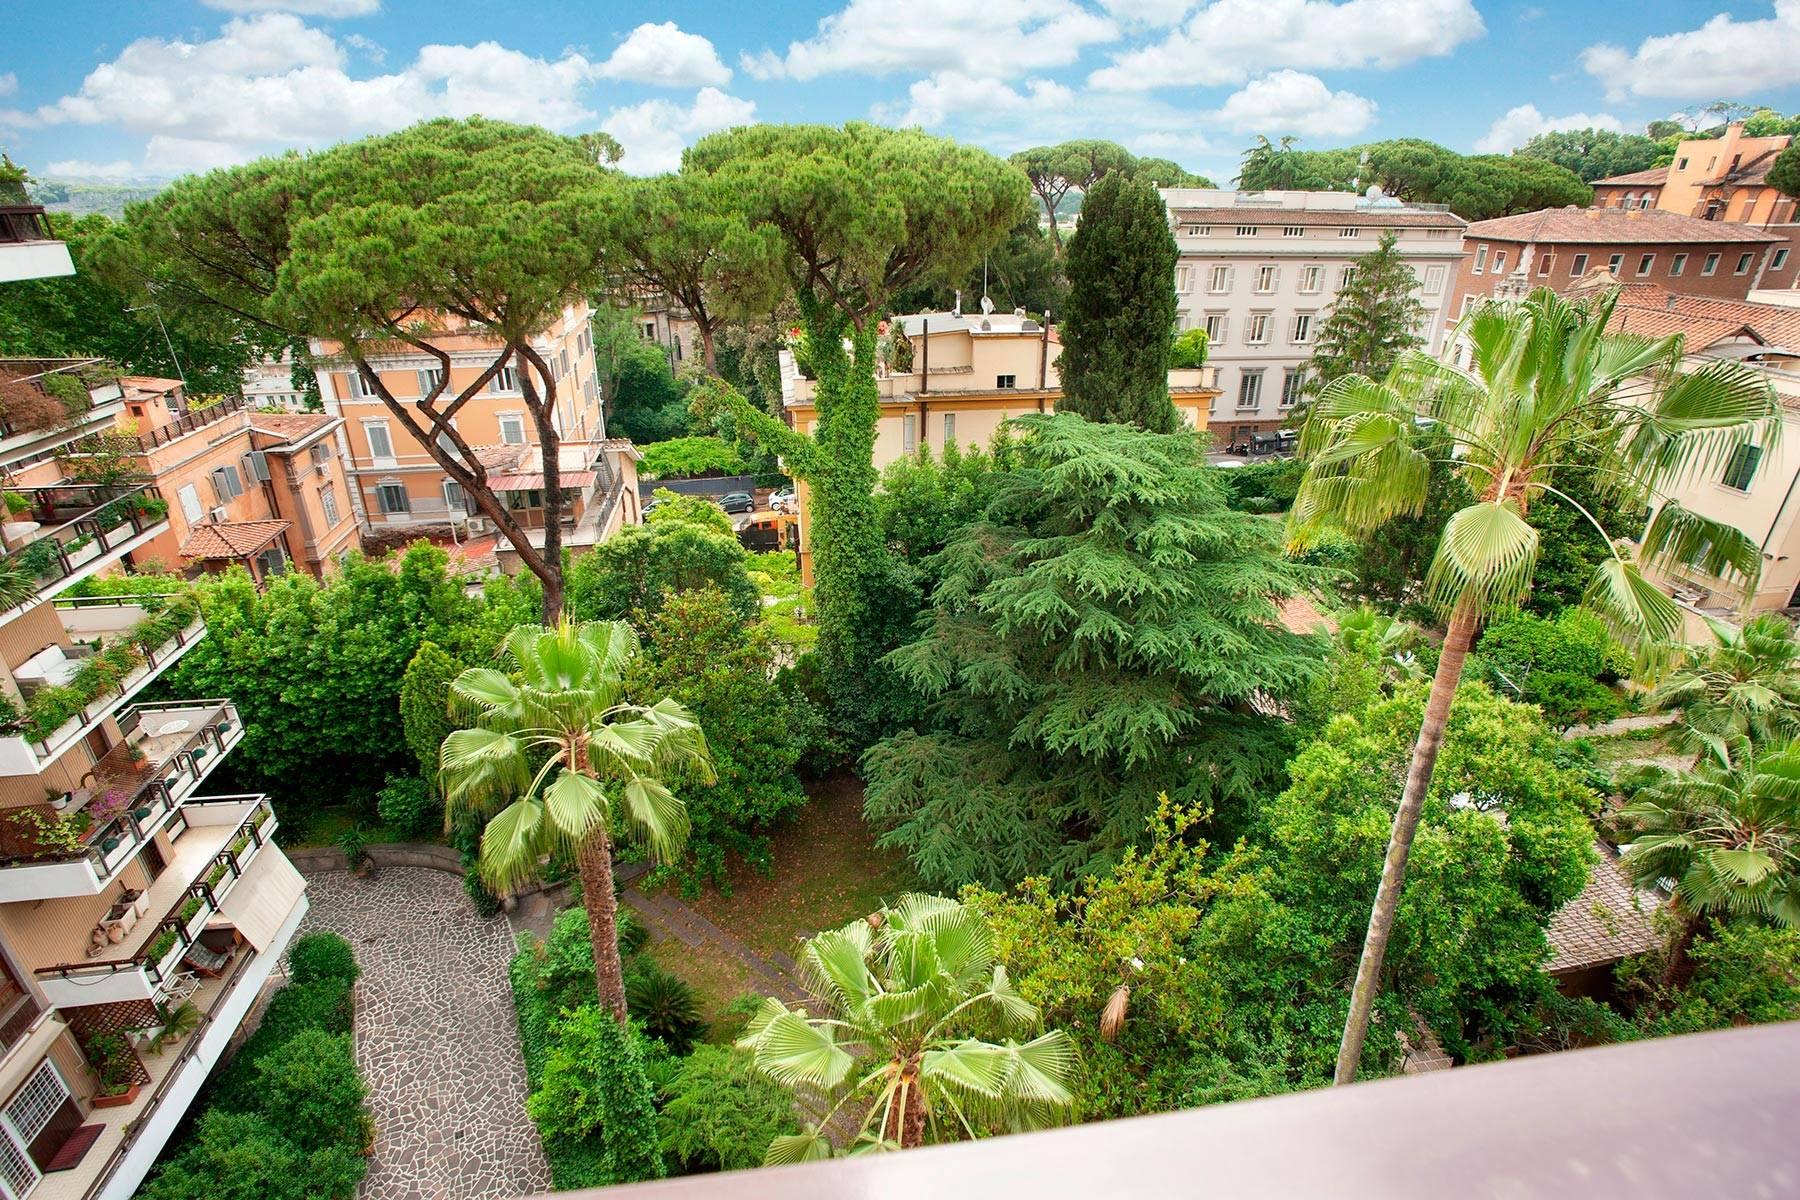 Attico in Affitto a Roma: 3 locali, 68 mq - Foto 9